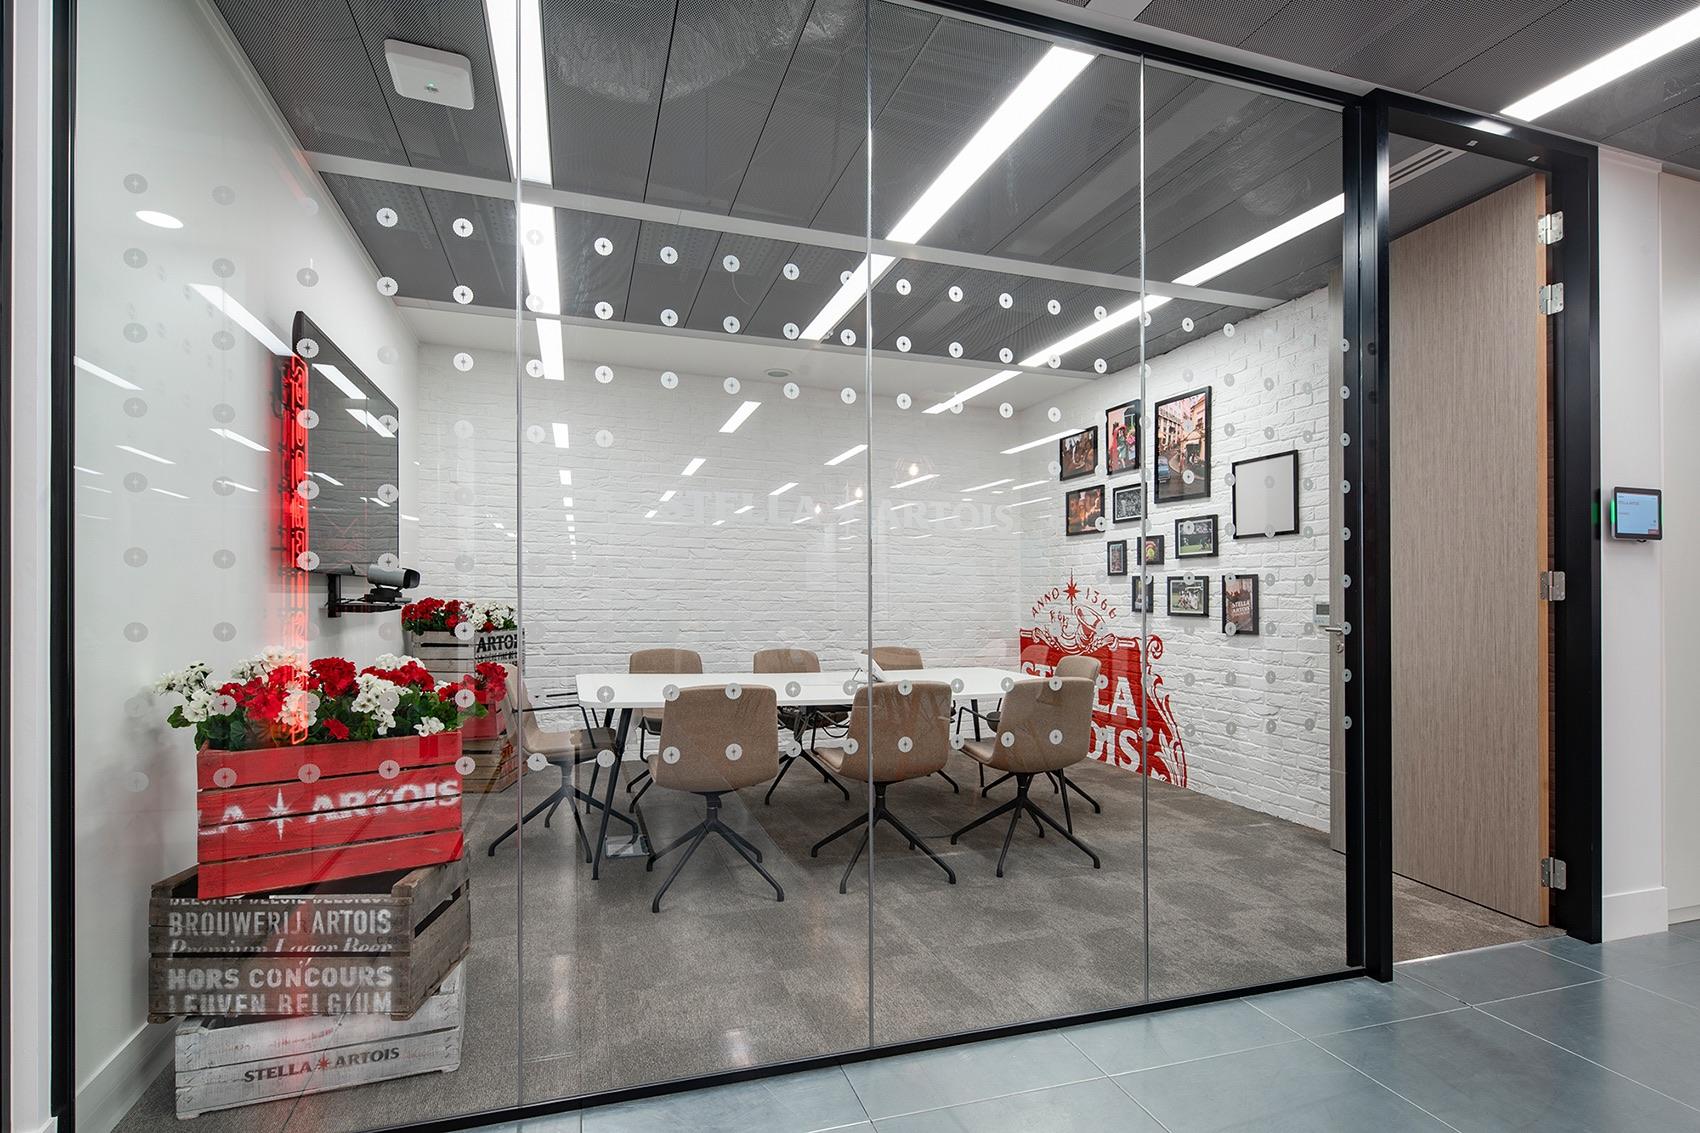 budweiser-group-office-8